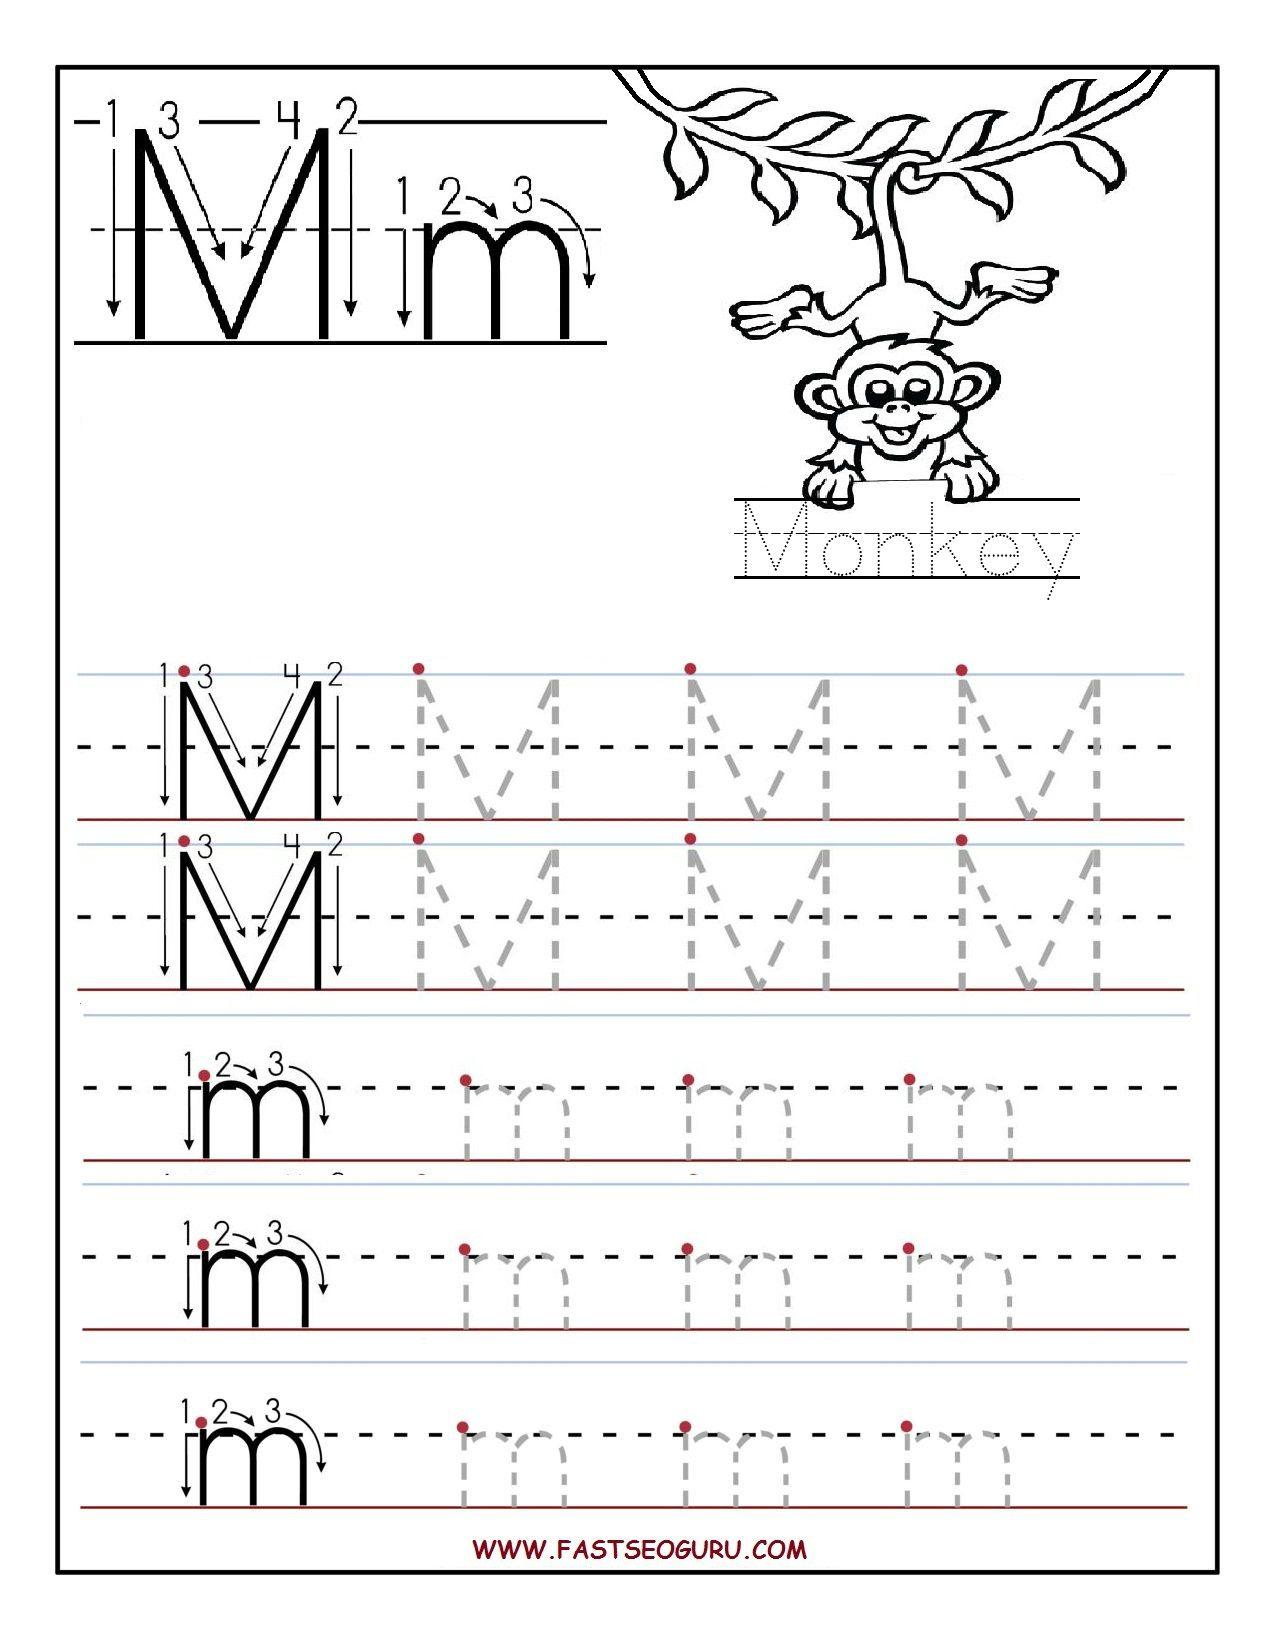 Letter M Worksheets For Kinder